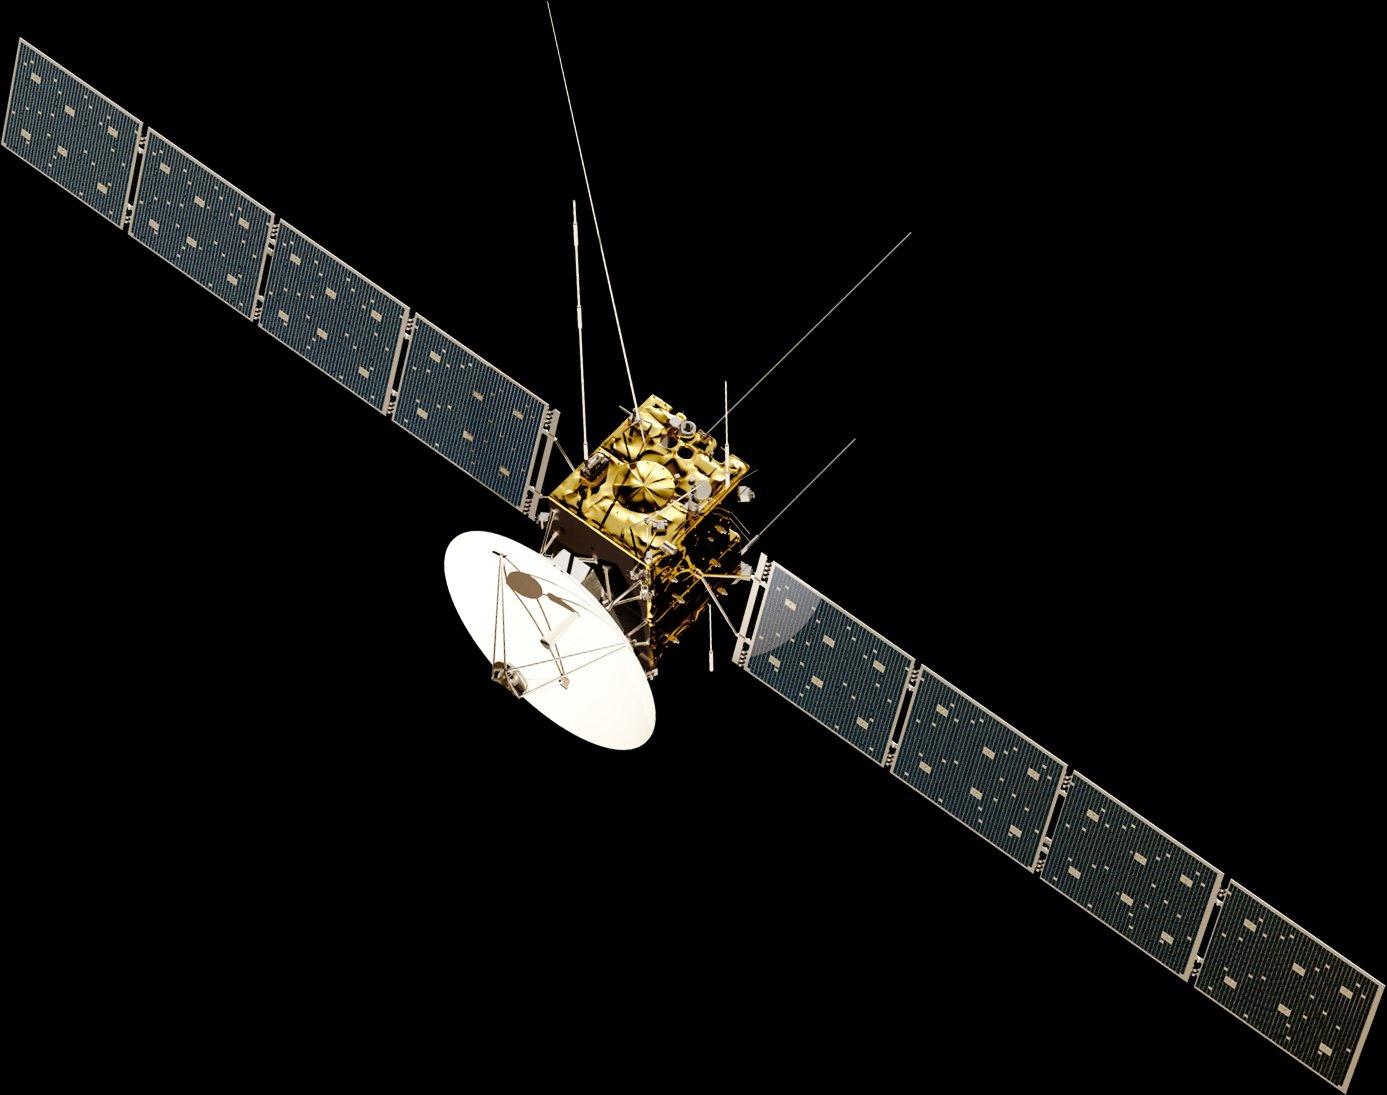 Für die Raumsonde Juice sind mehr als 25 Gravitationsmanöver vorgesehen. Dafür muss sieüber 3000 kg an chemischem Treibstoff mitführen.